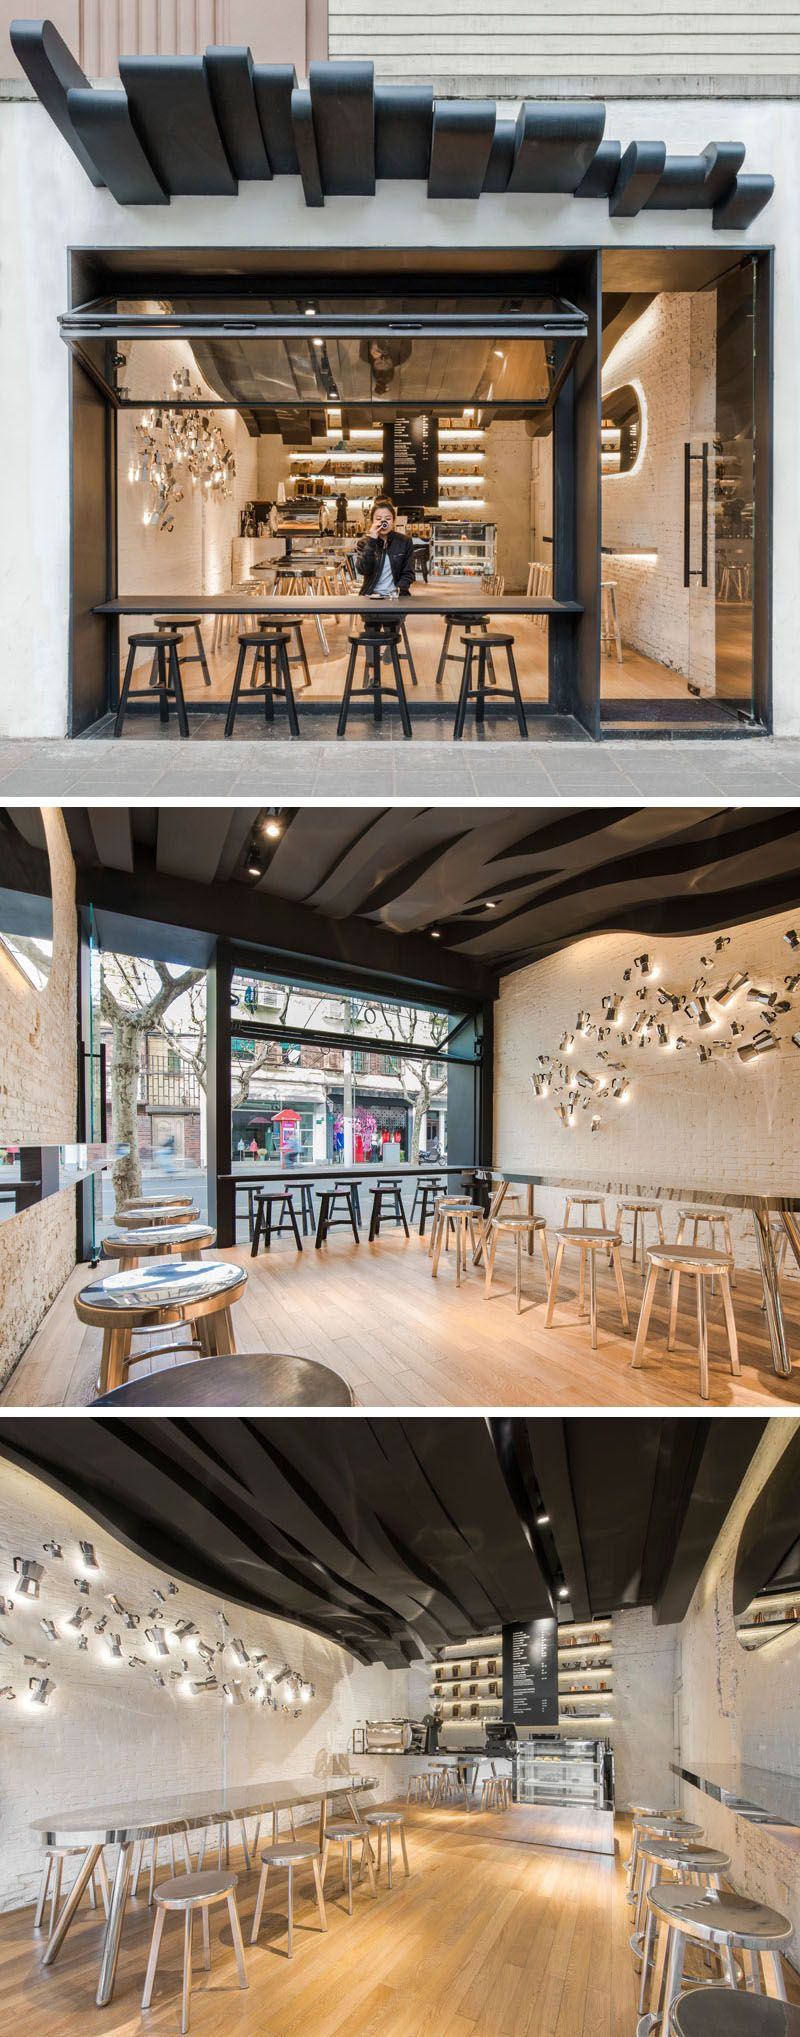 10 unique coffee shop designs in asia coffee shop design for Coffee shop exterior design ideas